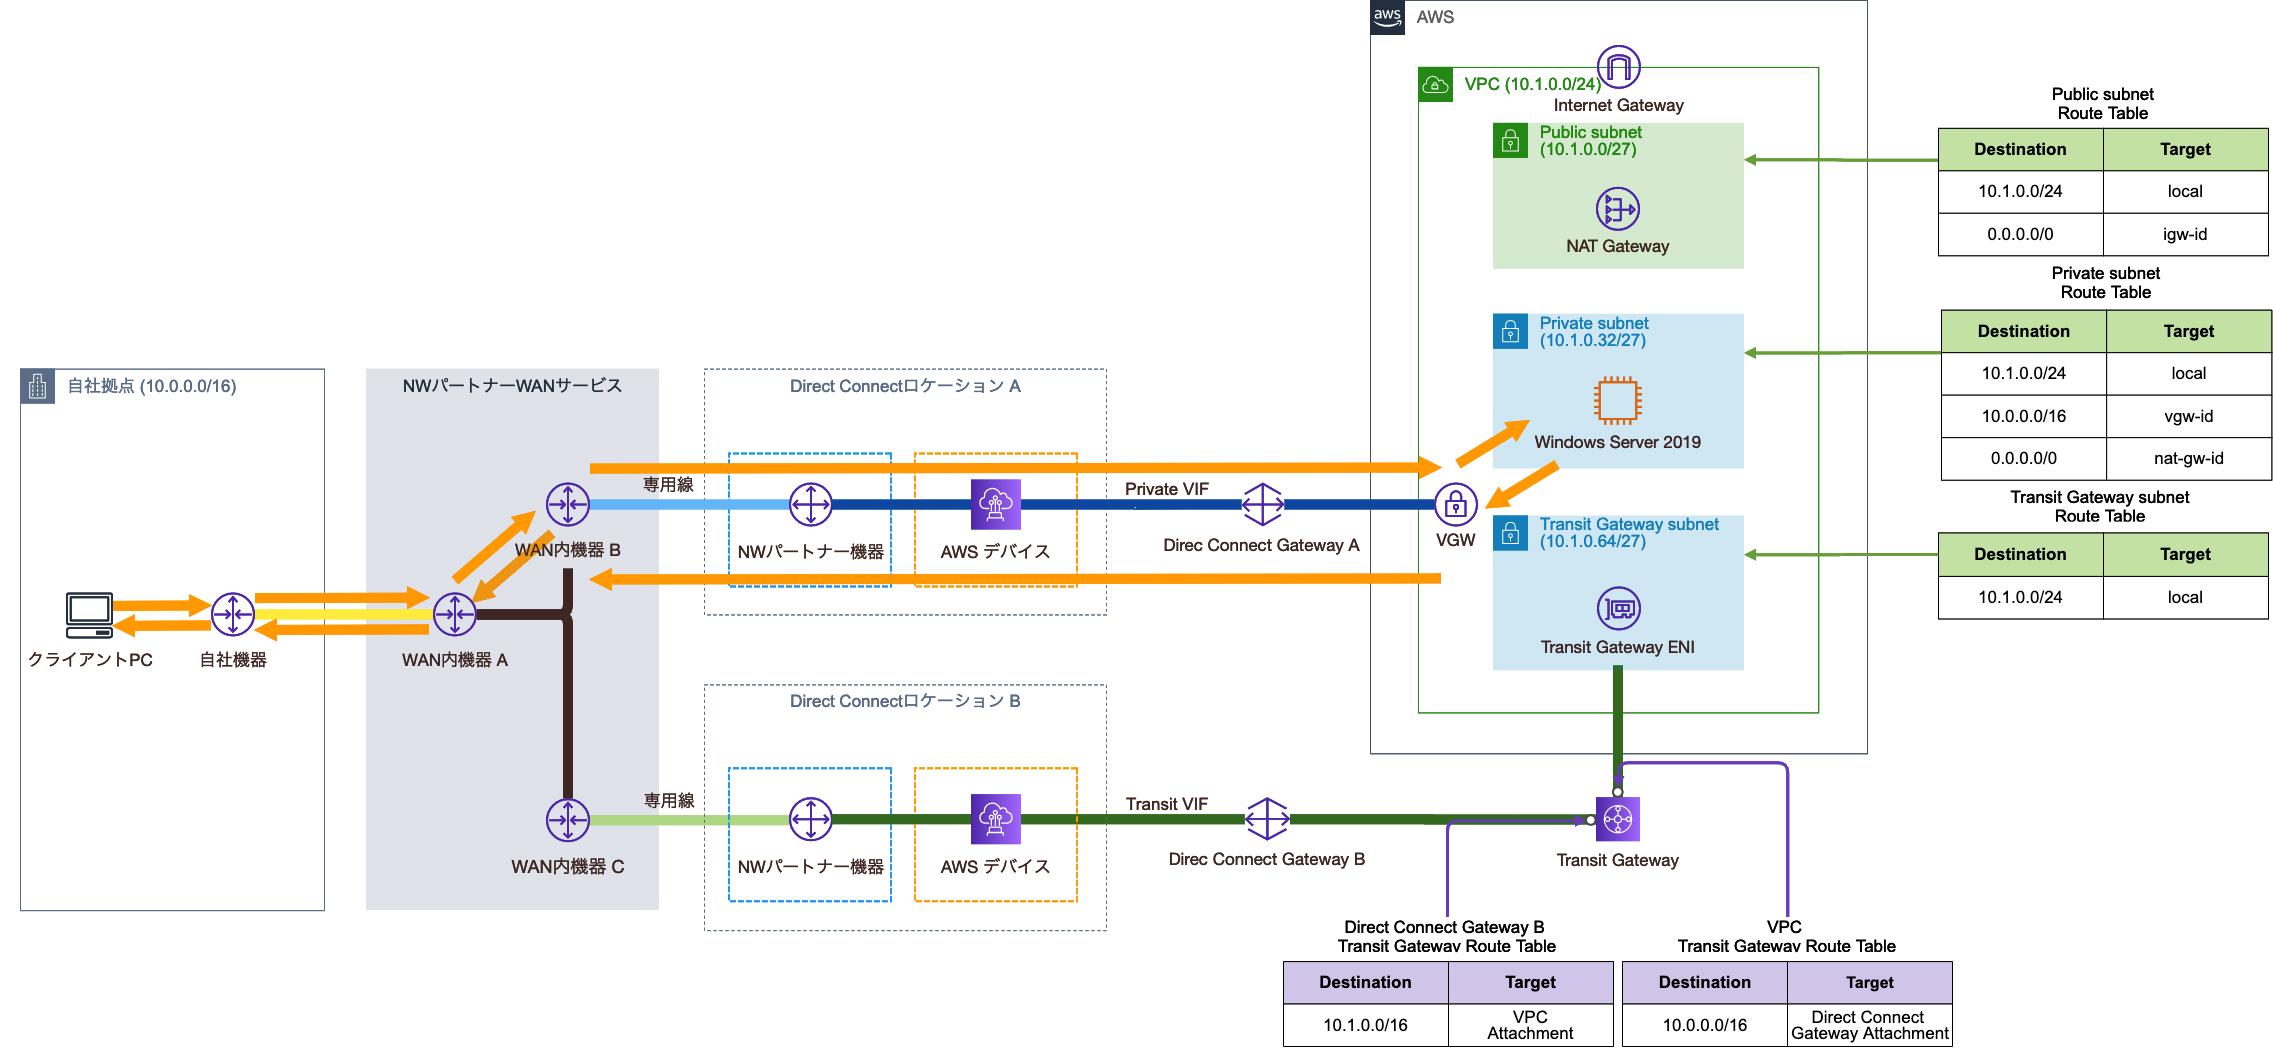 VPCのルートテーブル設定変更前の通信経路